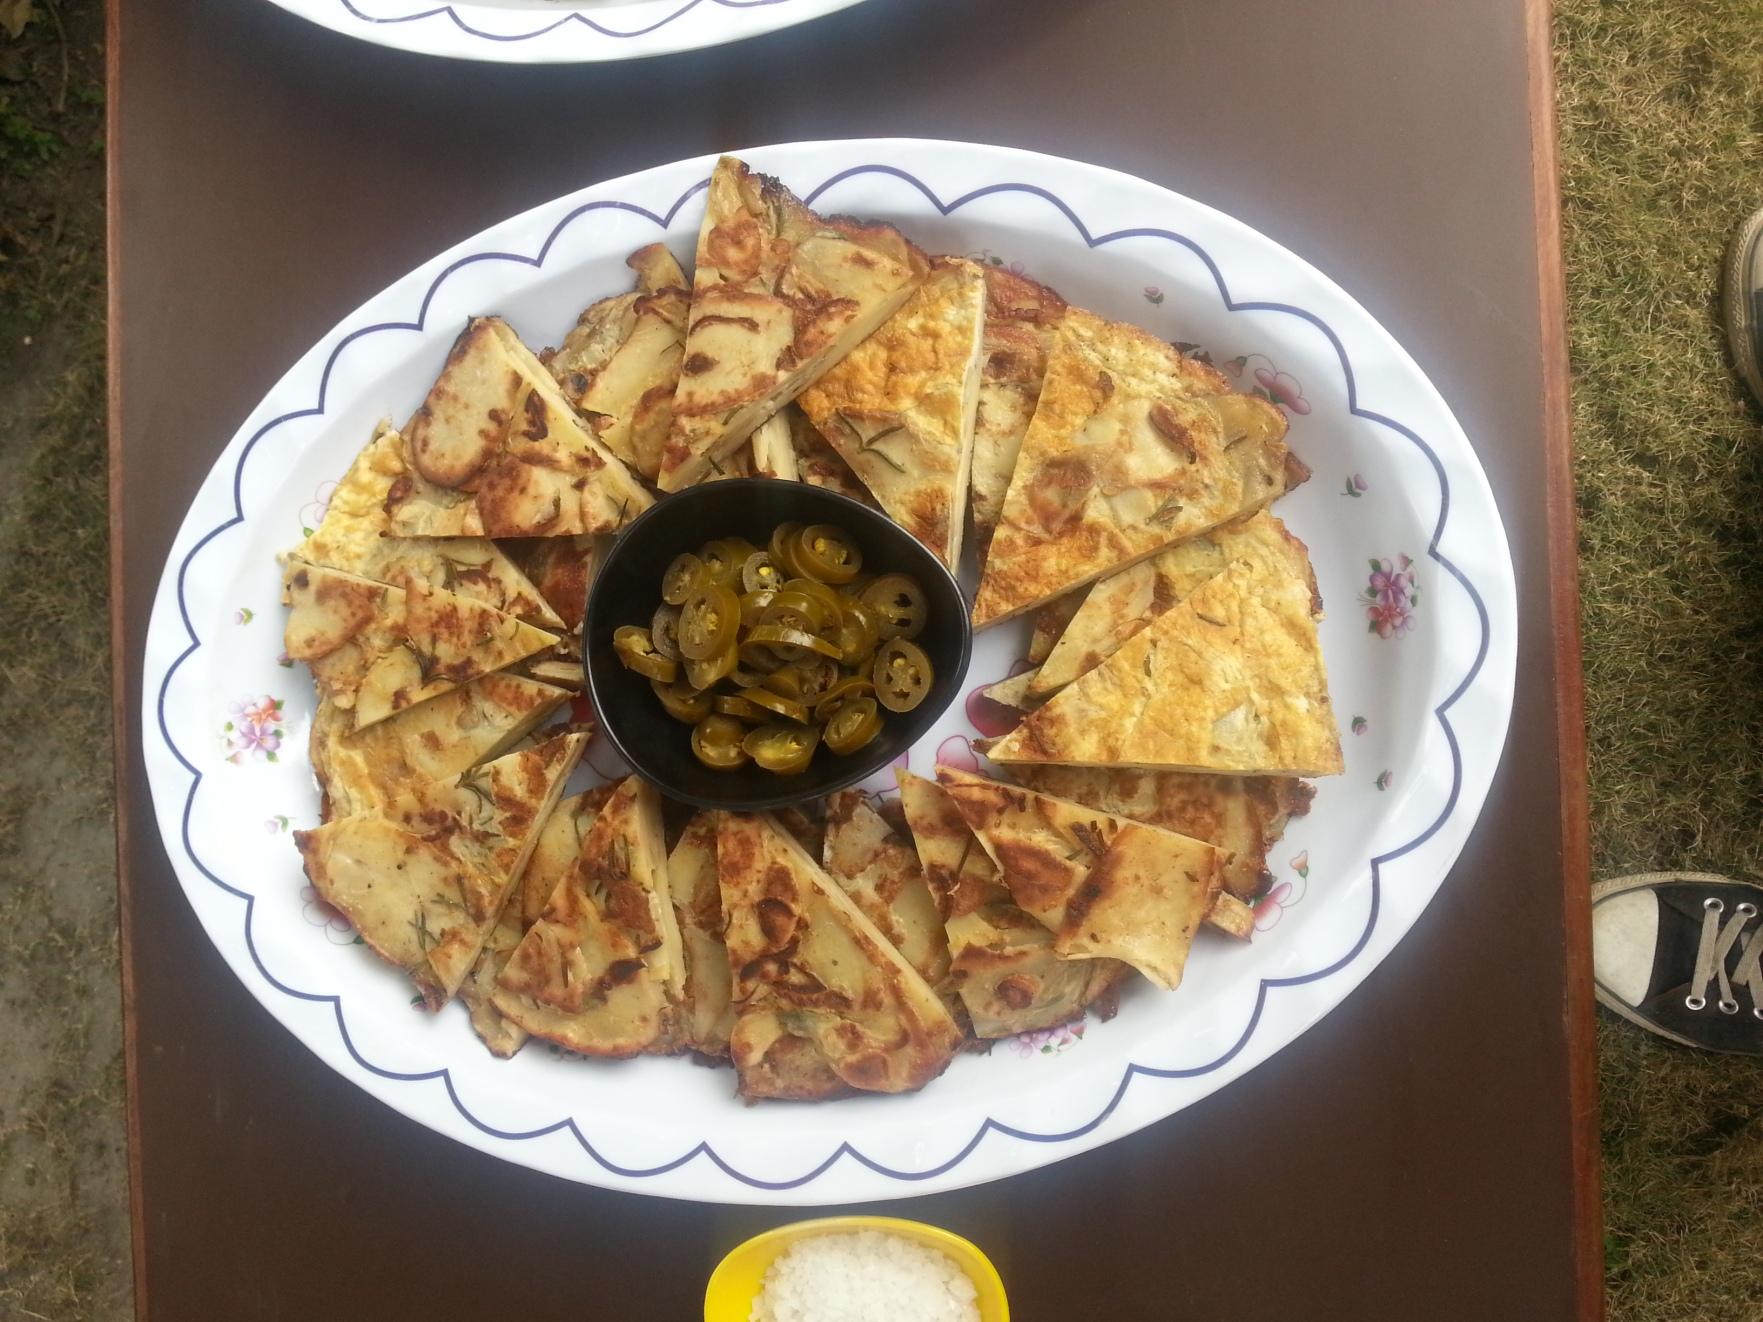 Tortilla m. Jalapenos